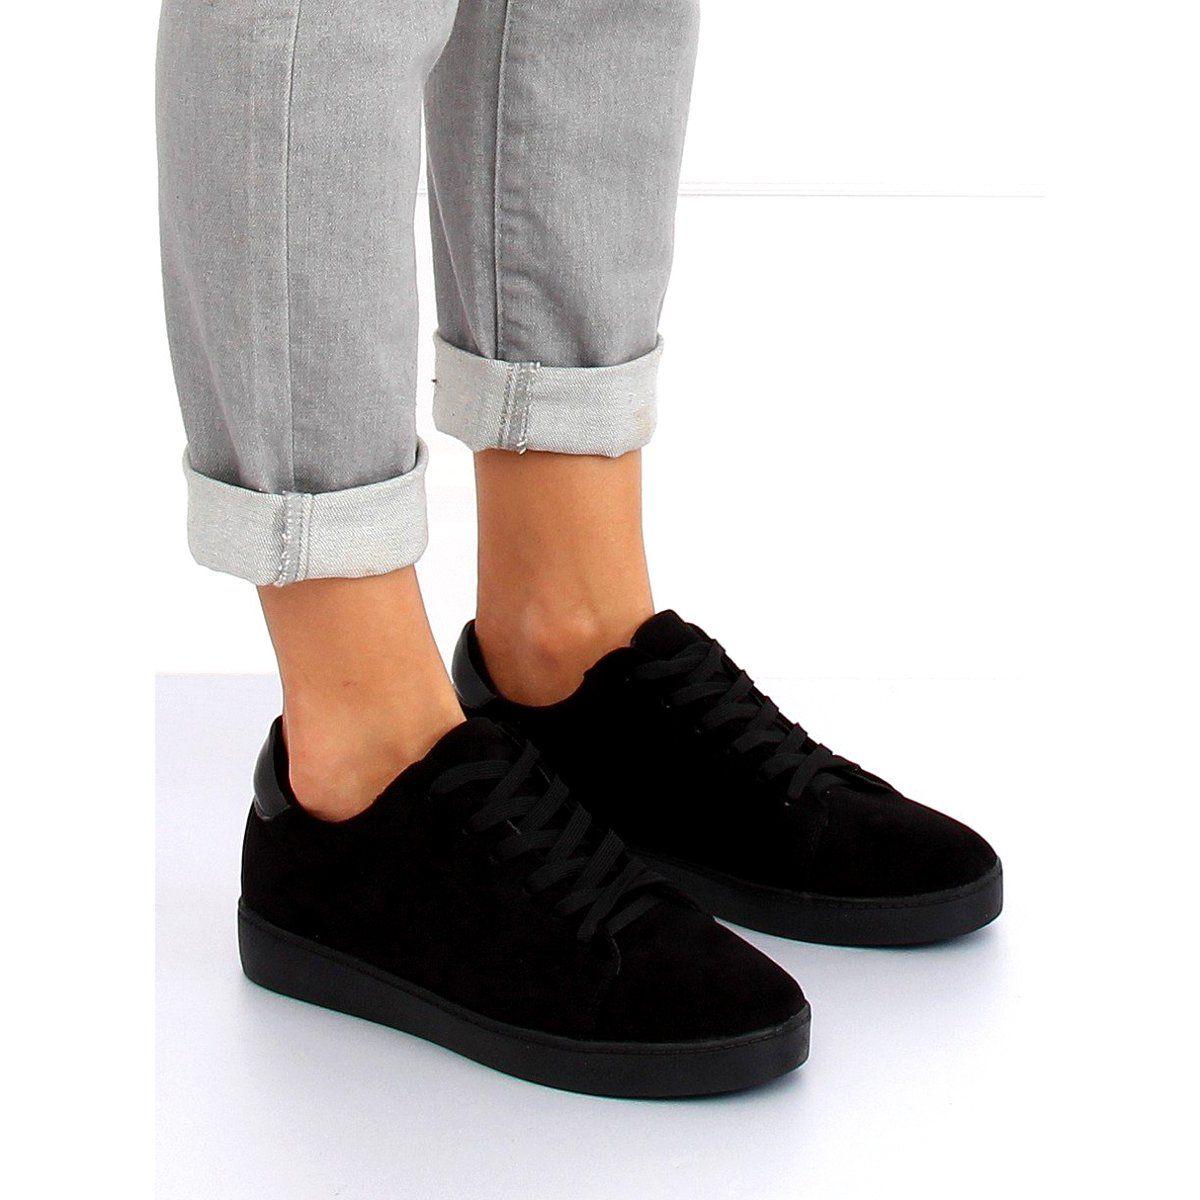 Black Women S Sneakers 68 95 Black Womens Sneakers Sneakers Black Womens [ 1200 x 1200 Pixel ]